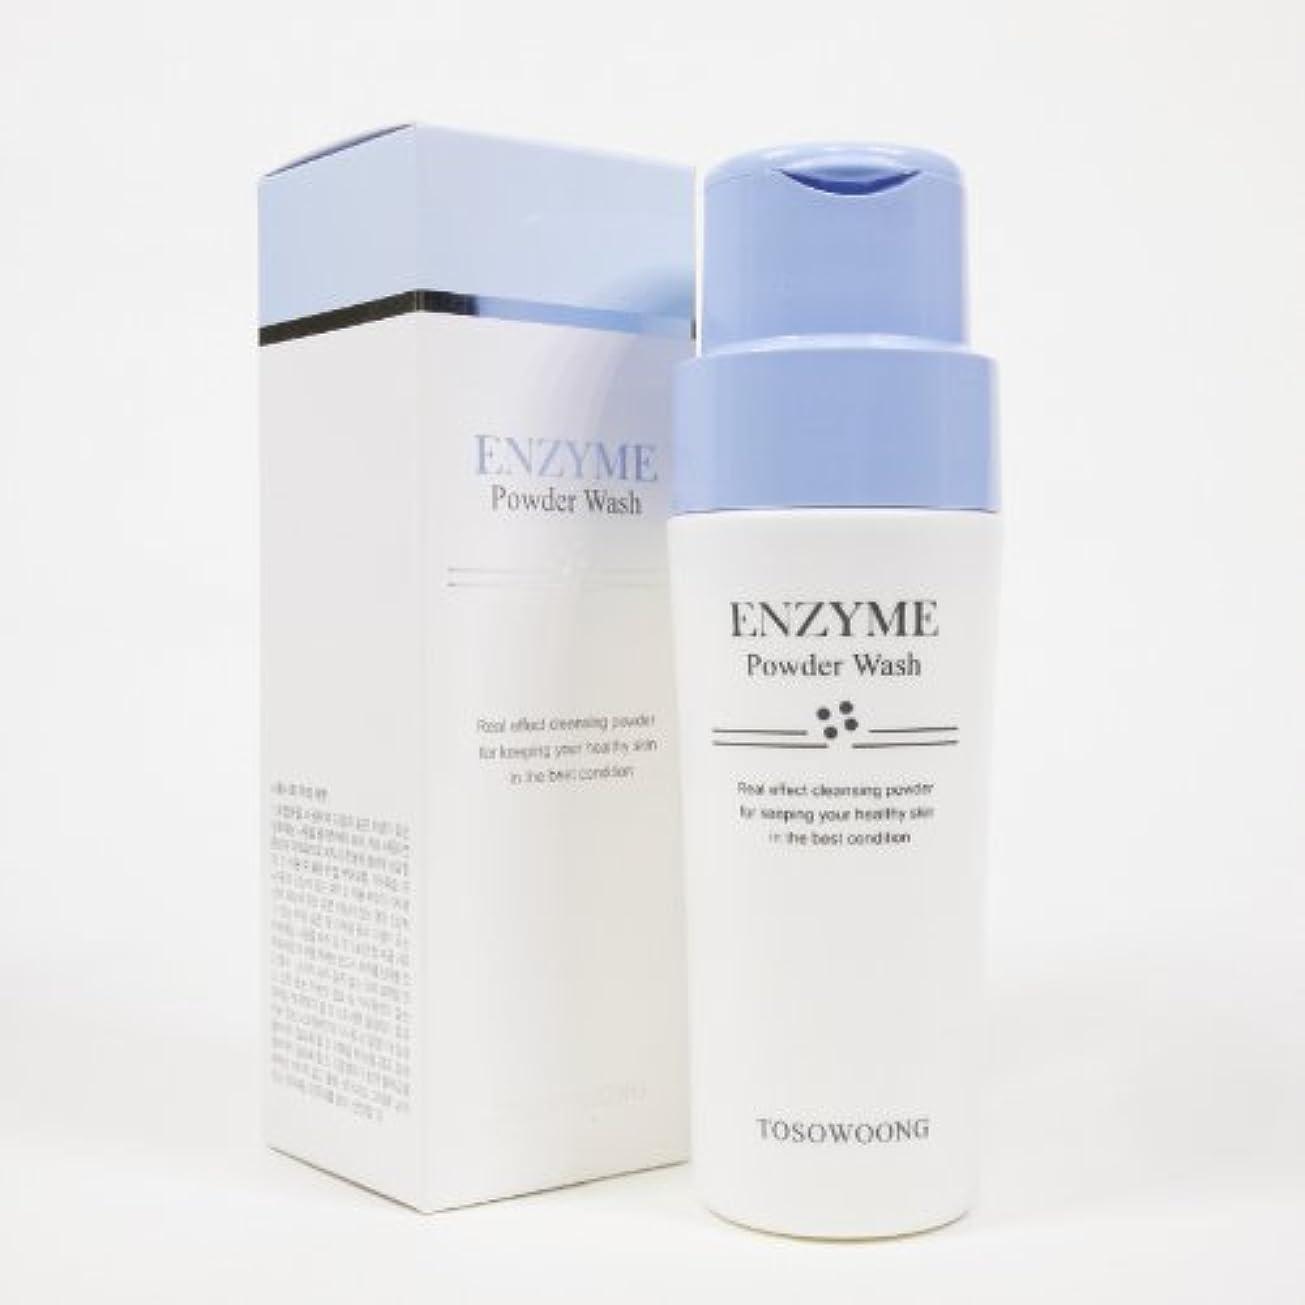 完璧な人物ブロックTosowoong Enzyme Powder Wash 70g Pore Deep Cleansing Trouble Care [並行輸入品]